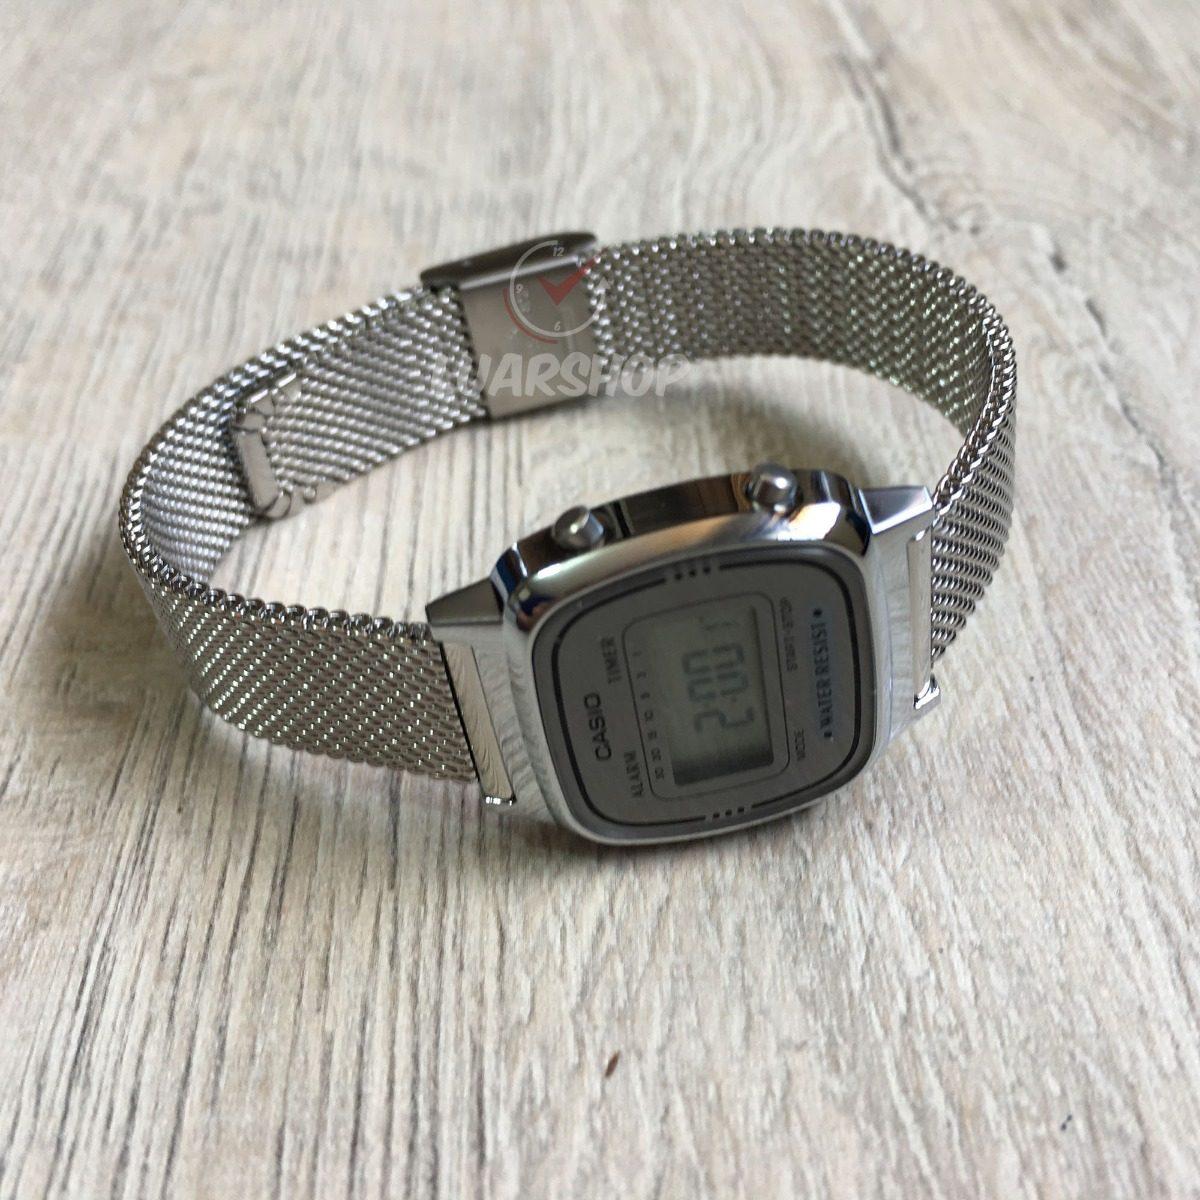 91a221e45ac relógio casio digital mini feminino la670wem prata original. Carregando zoom .